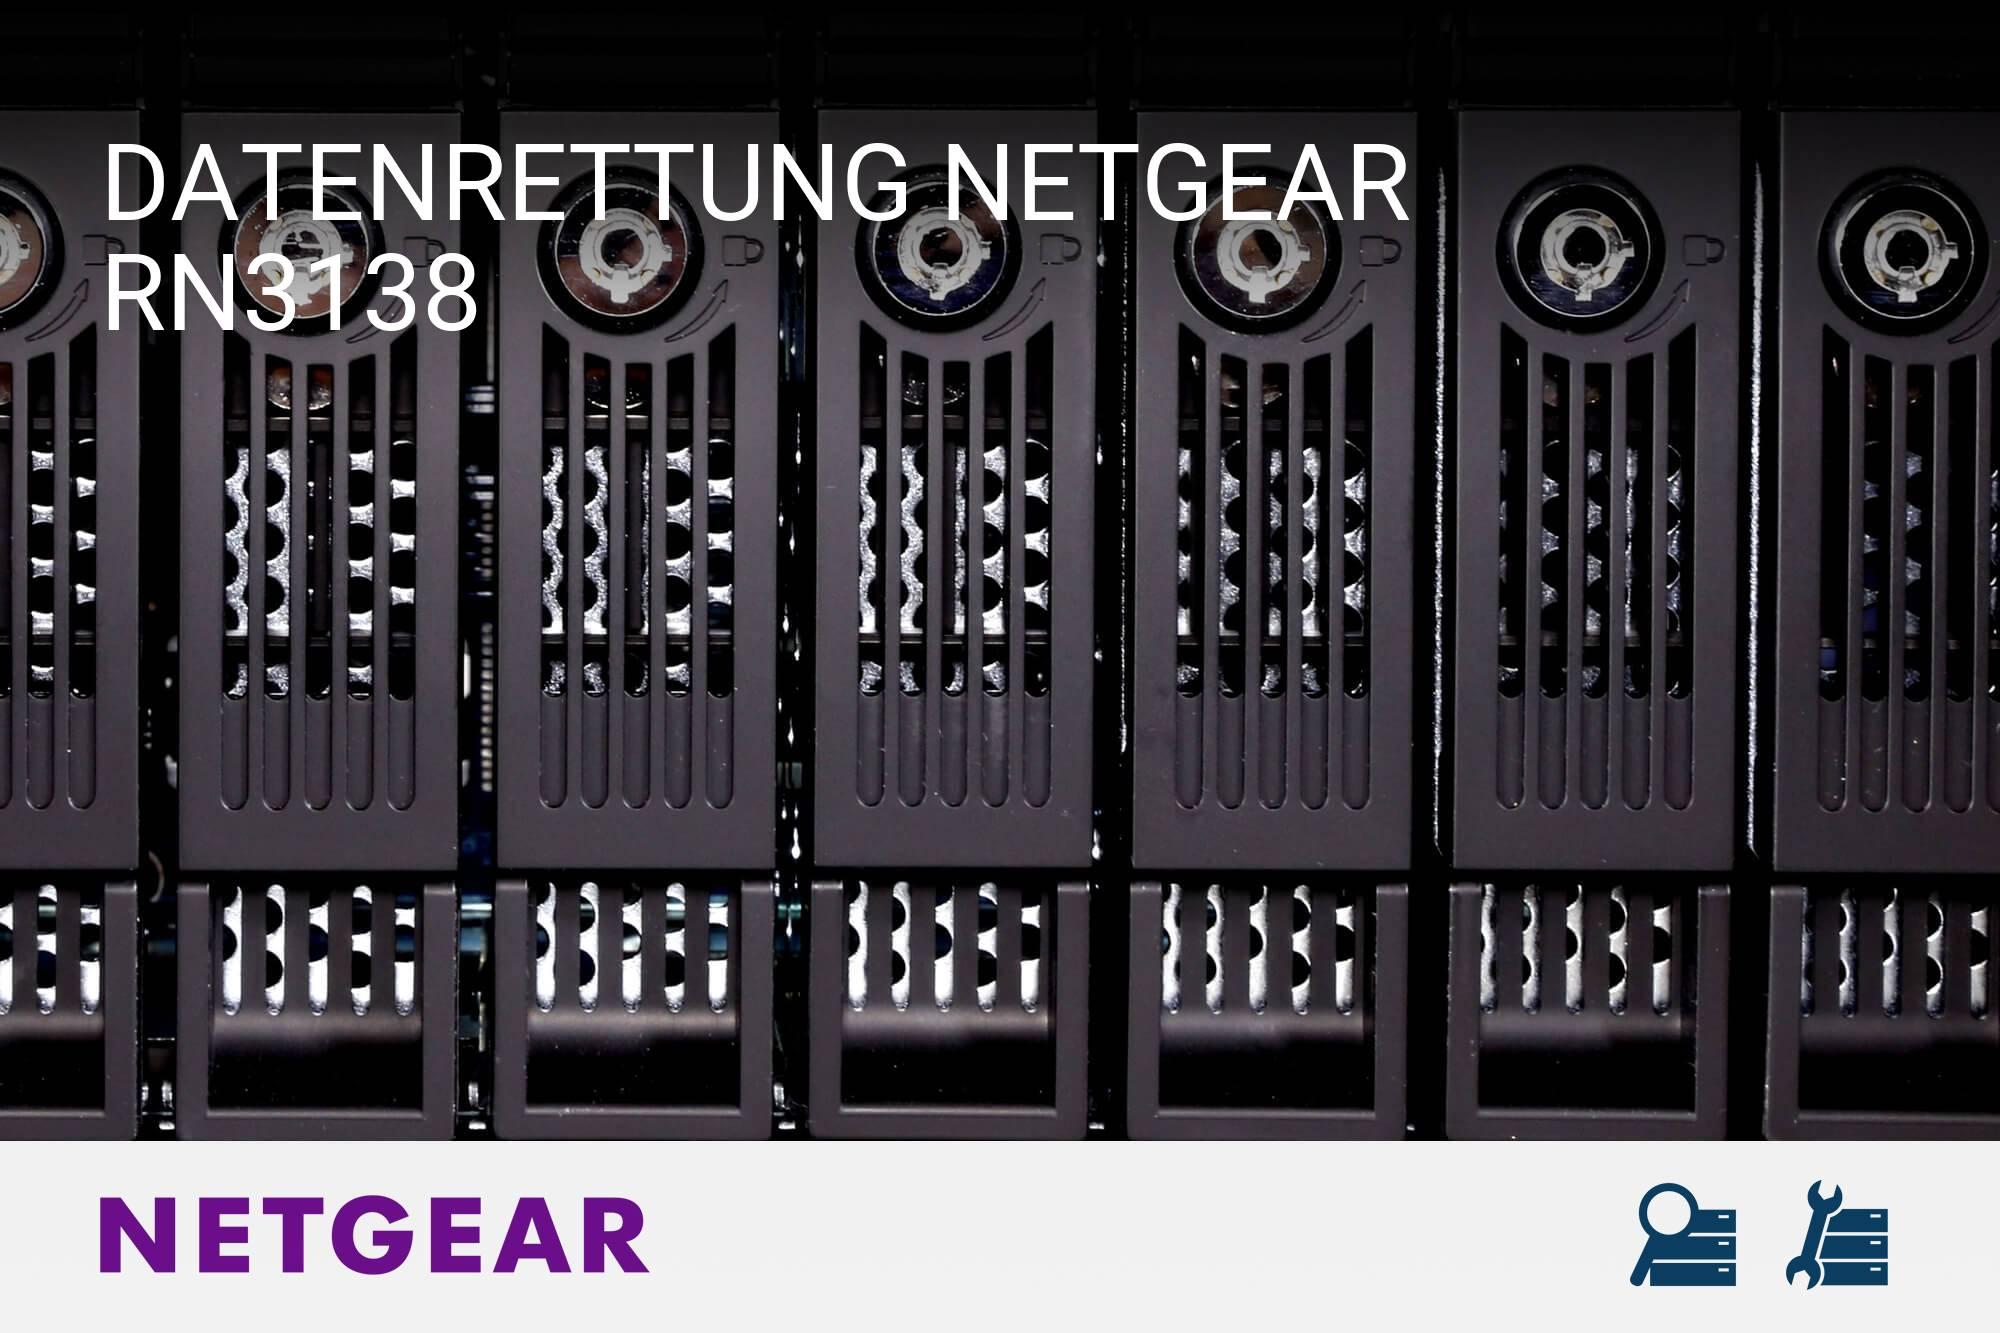 Netgear RN3138